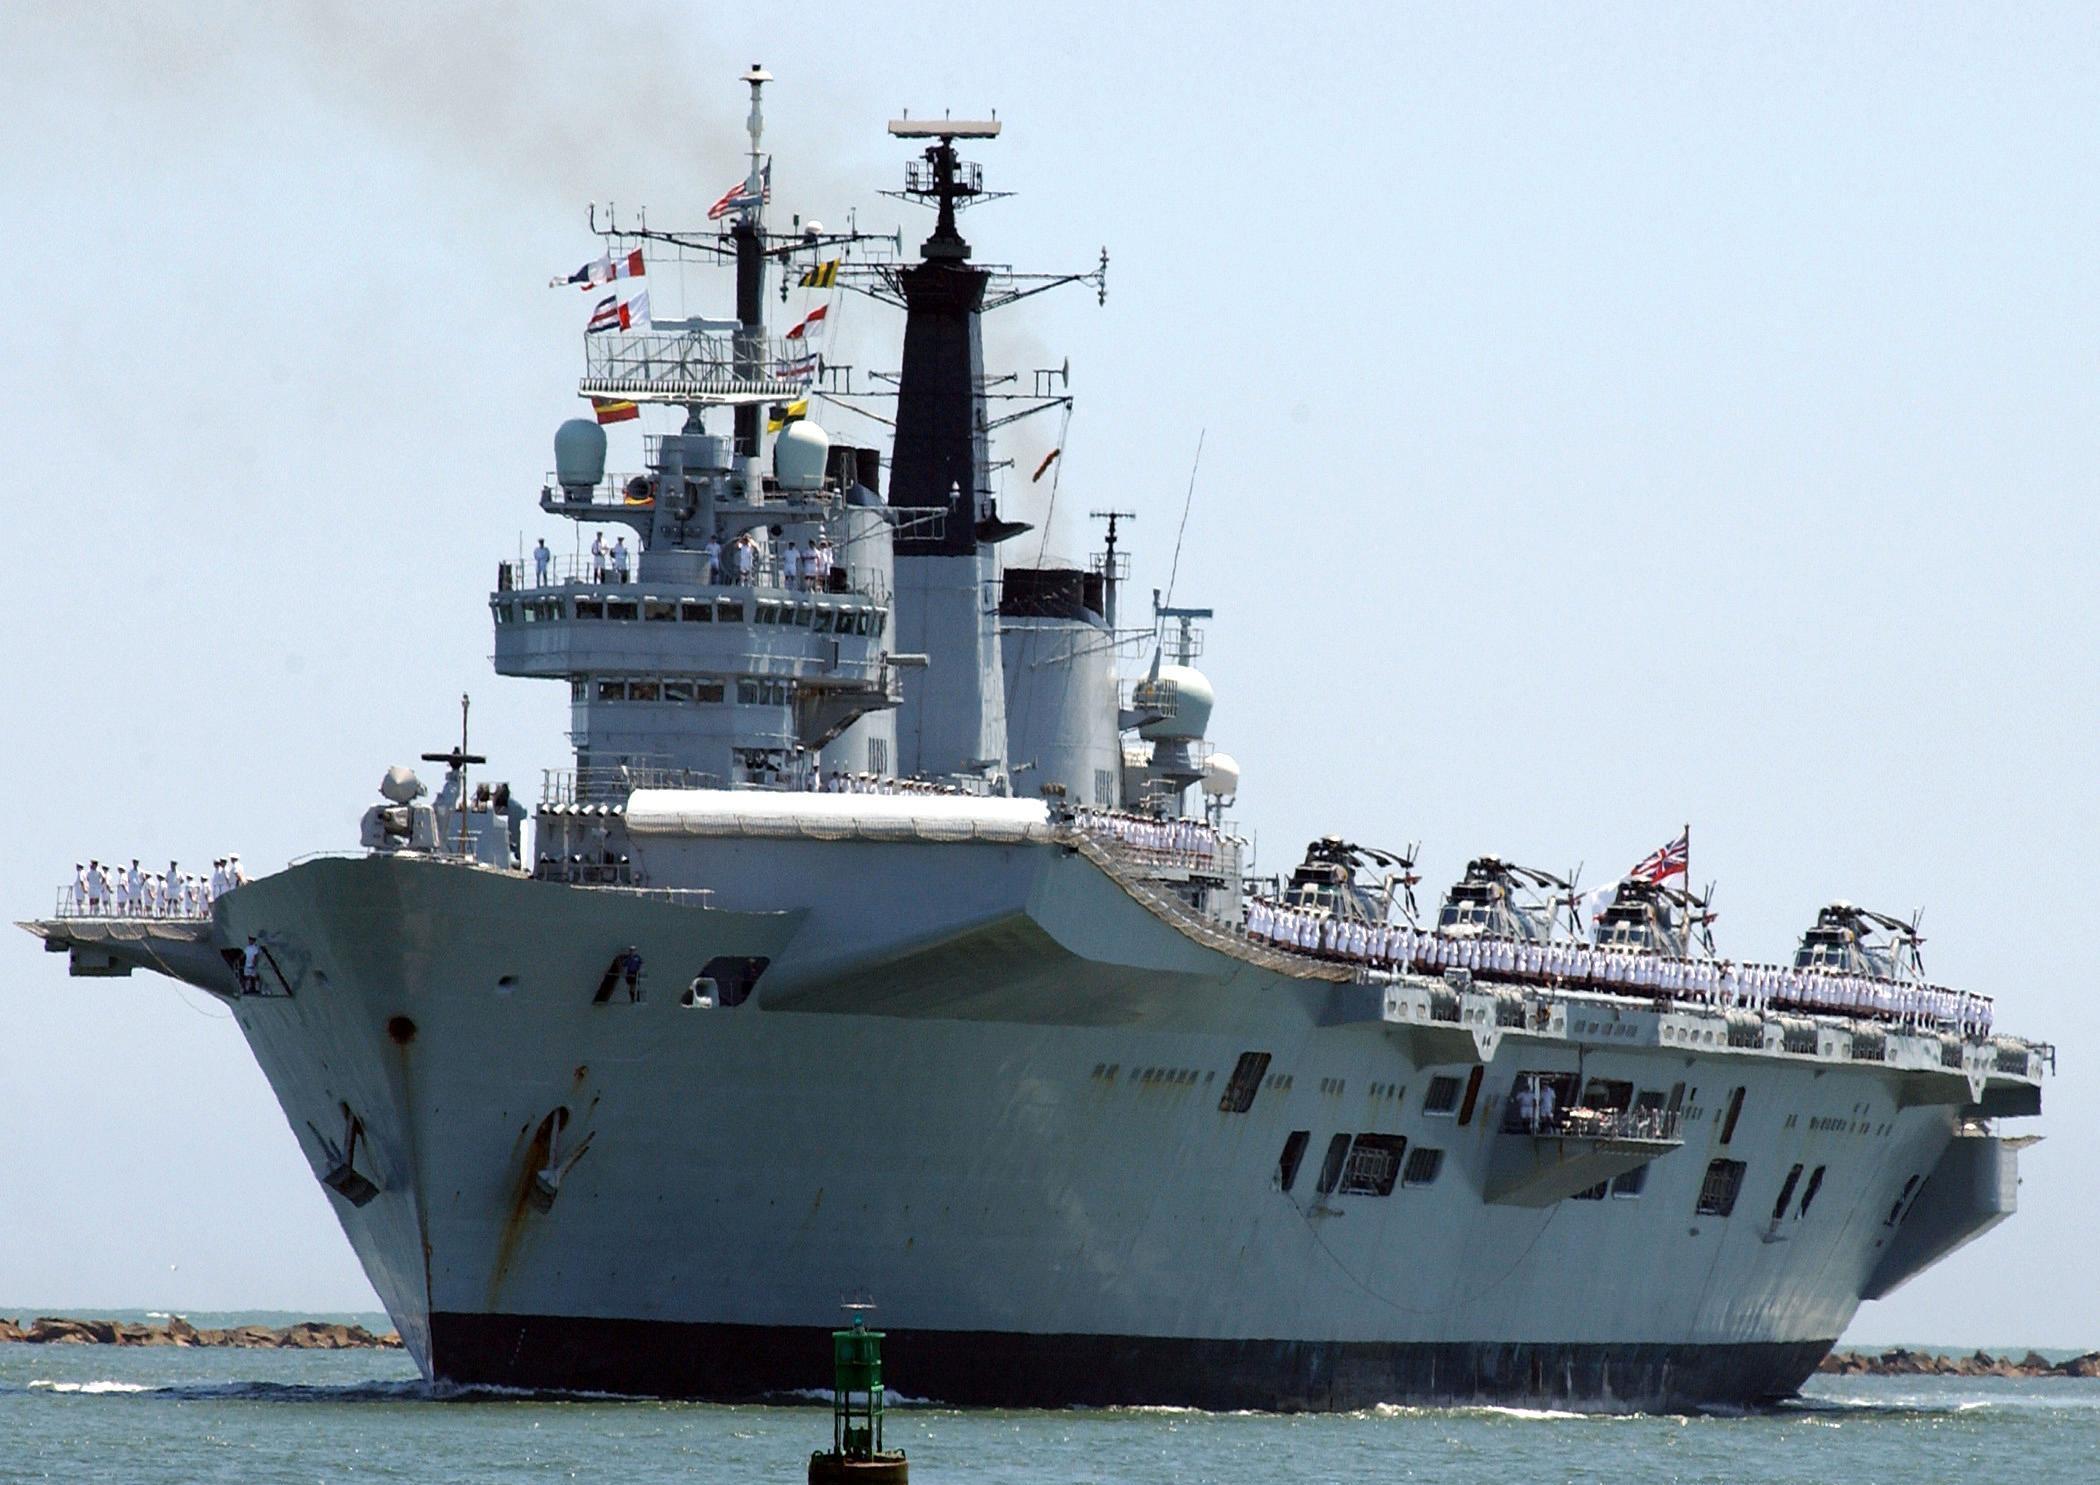 военный корабль кинг бонд лайм выставлен на продажу